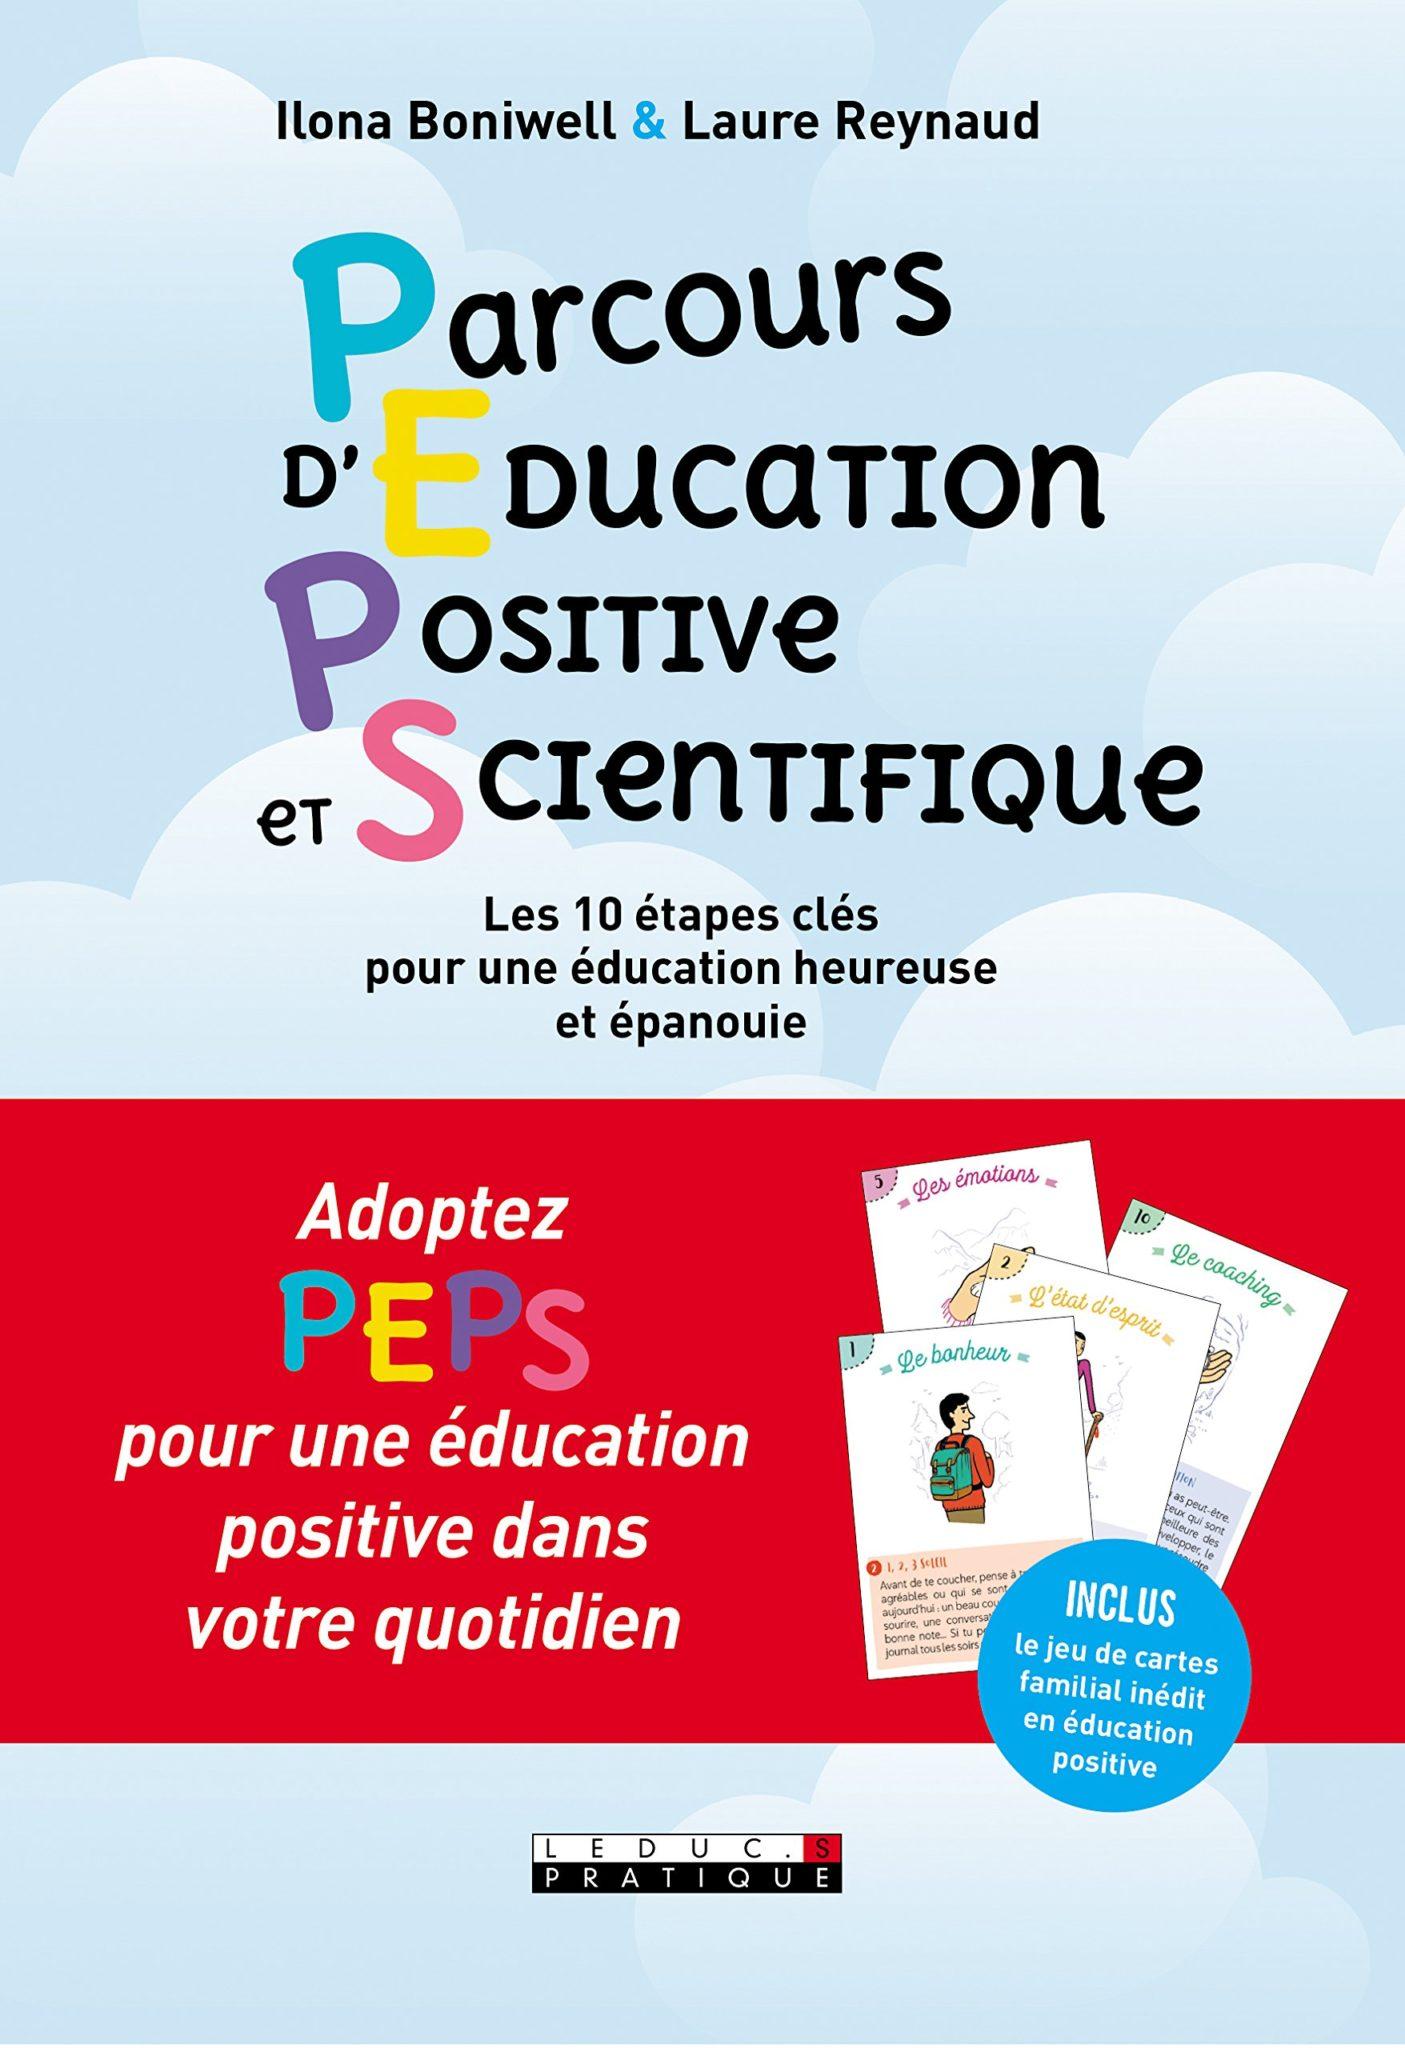 Parcours d'éducation positive et scientifique : 10 étapes clés pour une éducation heureuse et épanouie